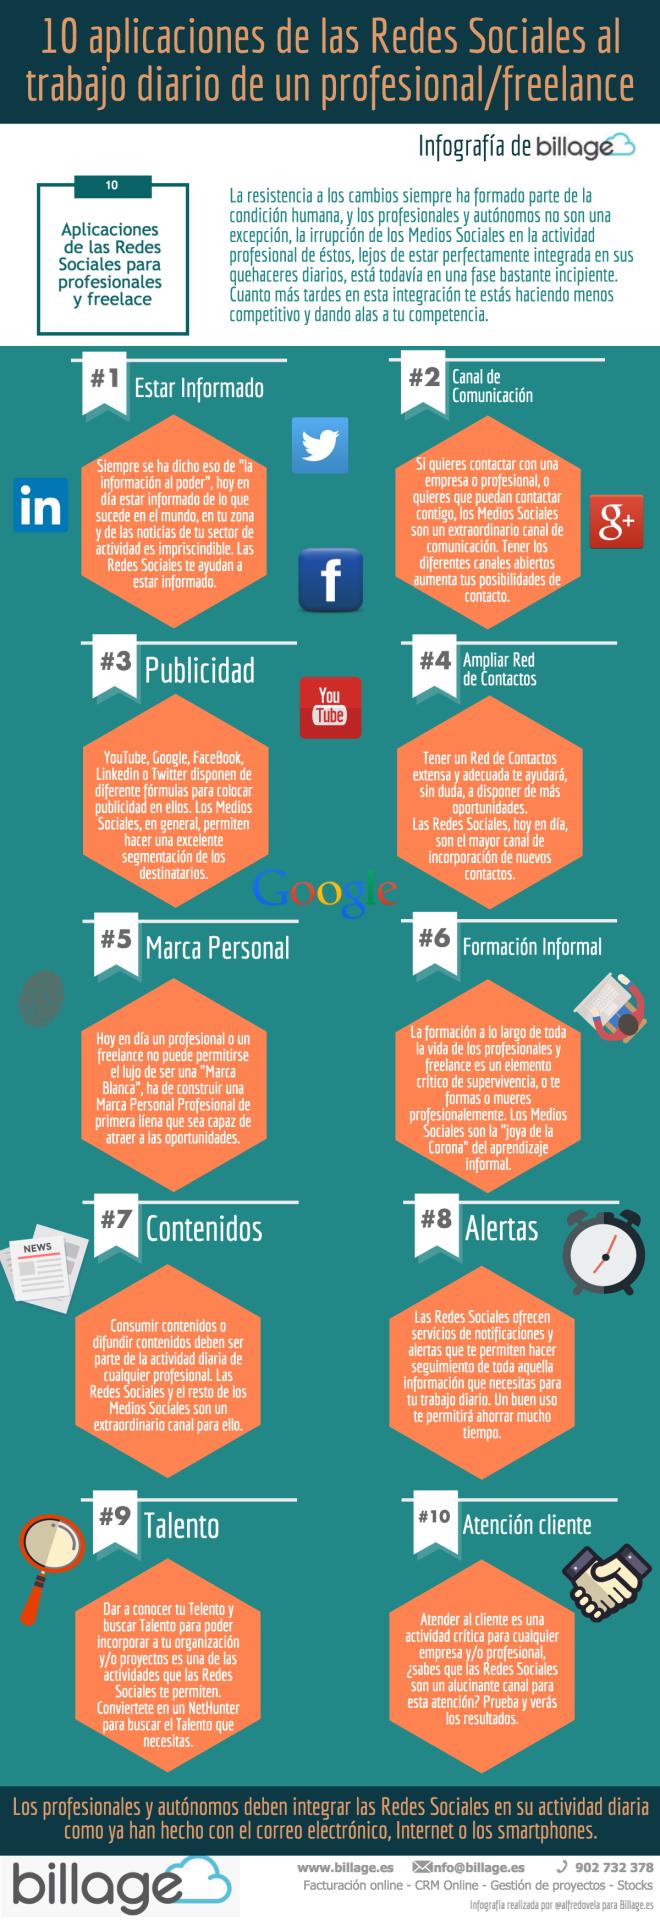 10 aplicaciones de las Redes Sociales al trabajo de un profesional